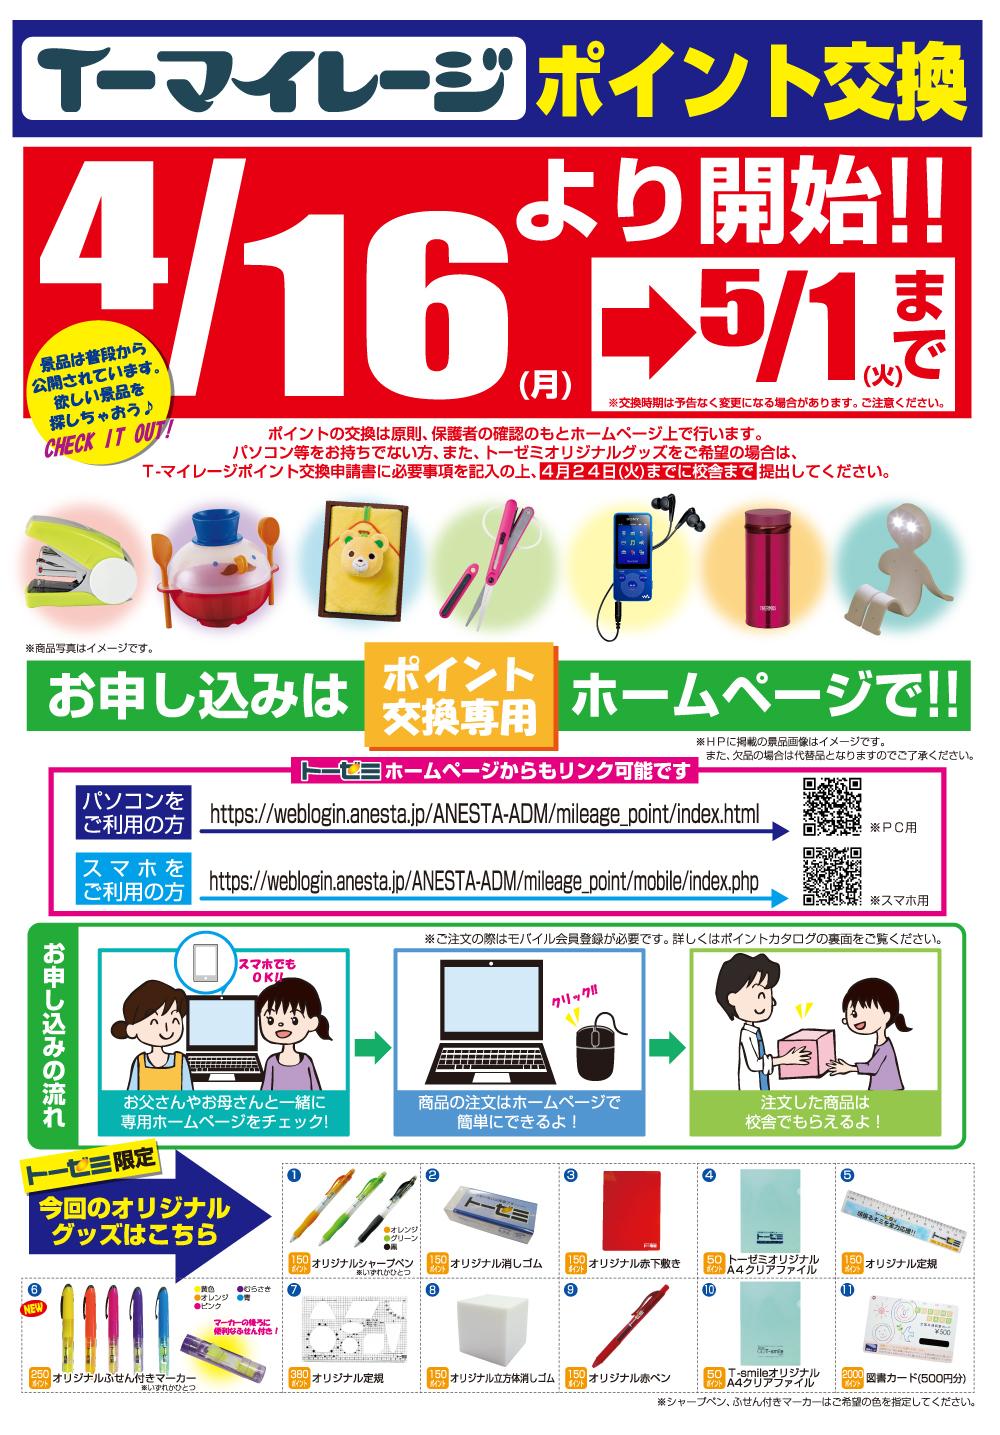 学習塾トーゼミグループのポイント T-マイレージ ポイント交換4/16より開始!